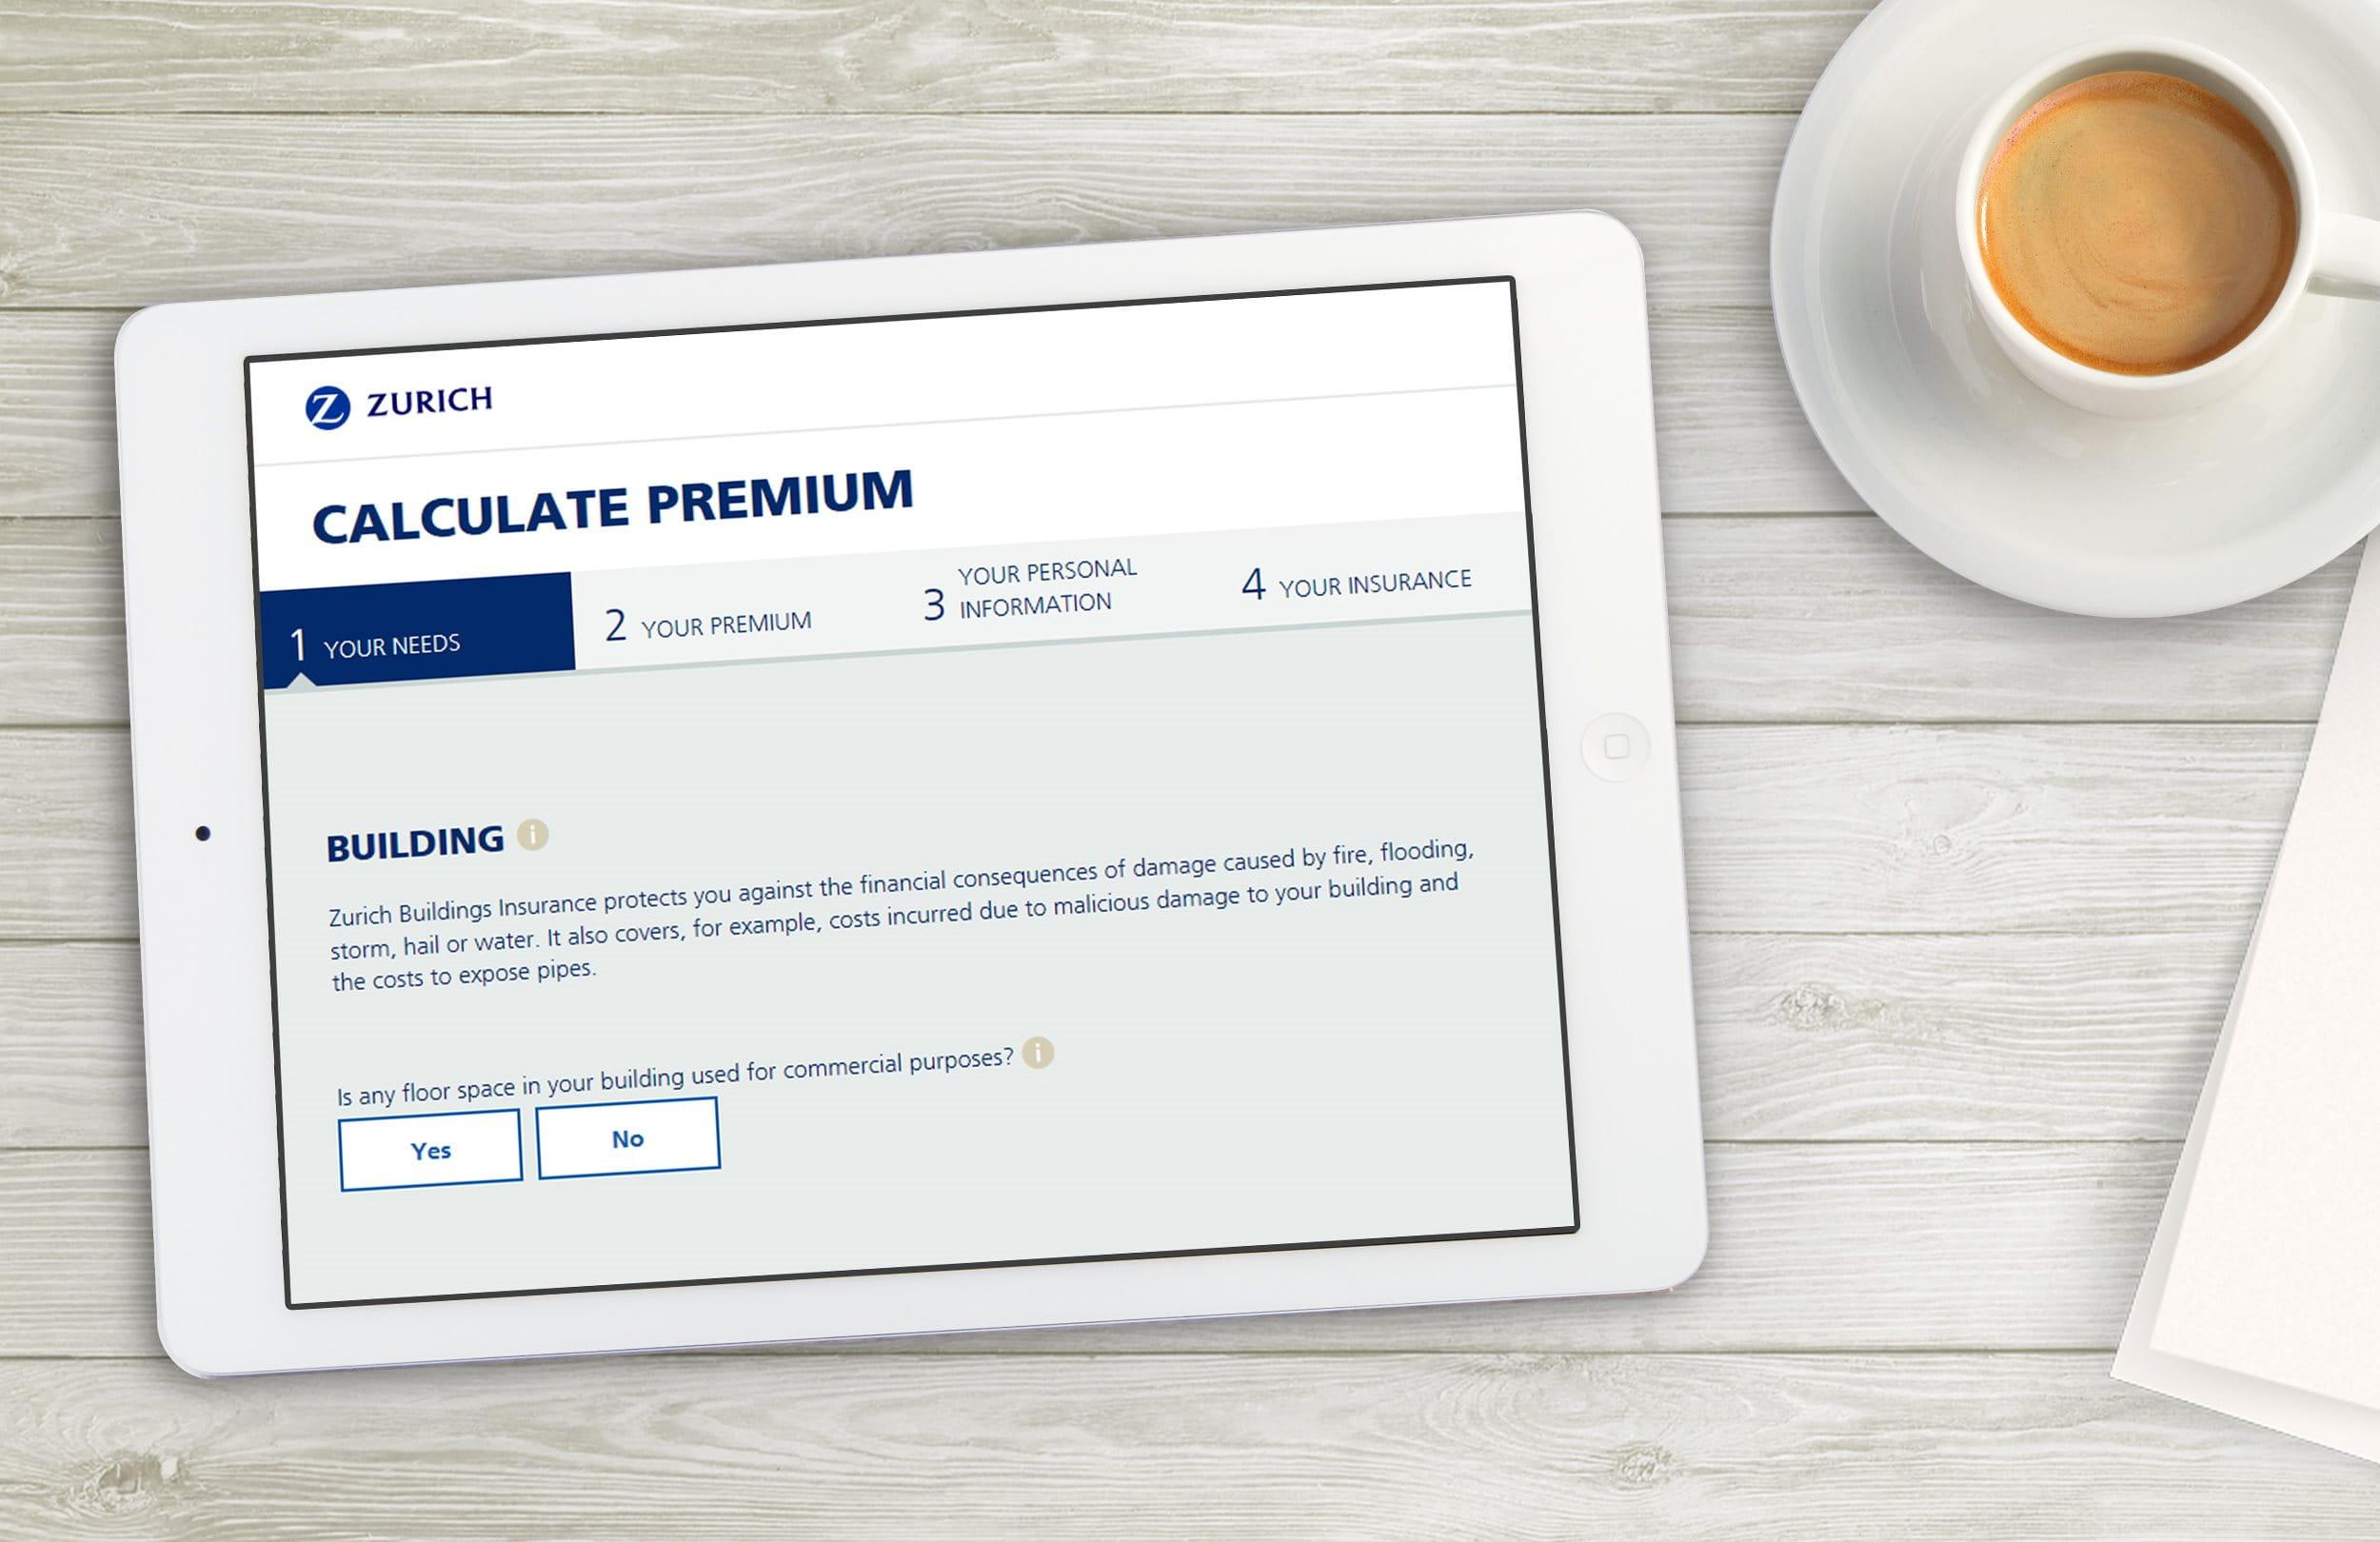 Calculate premium contents